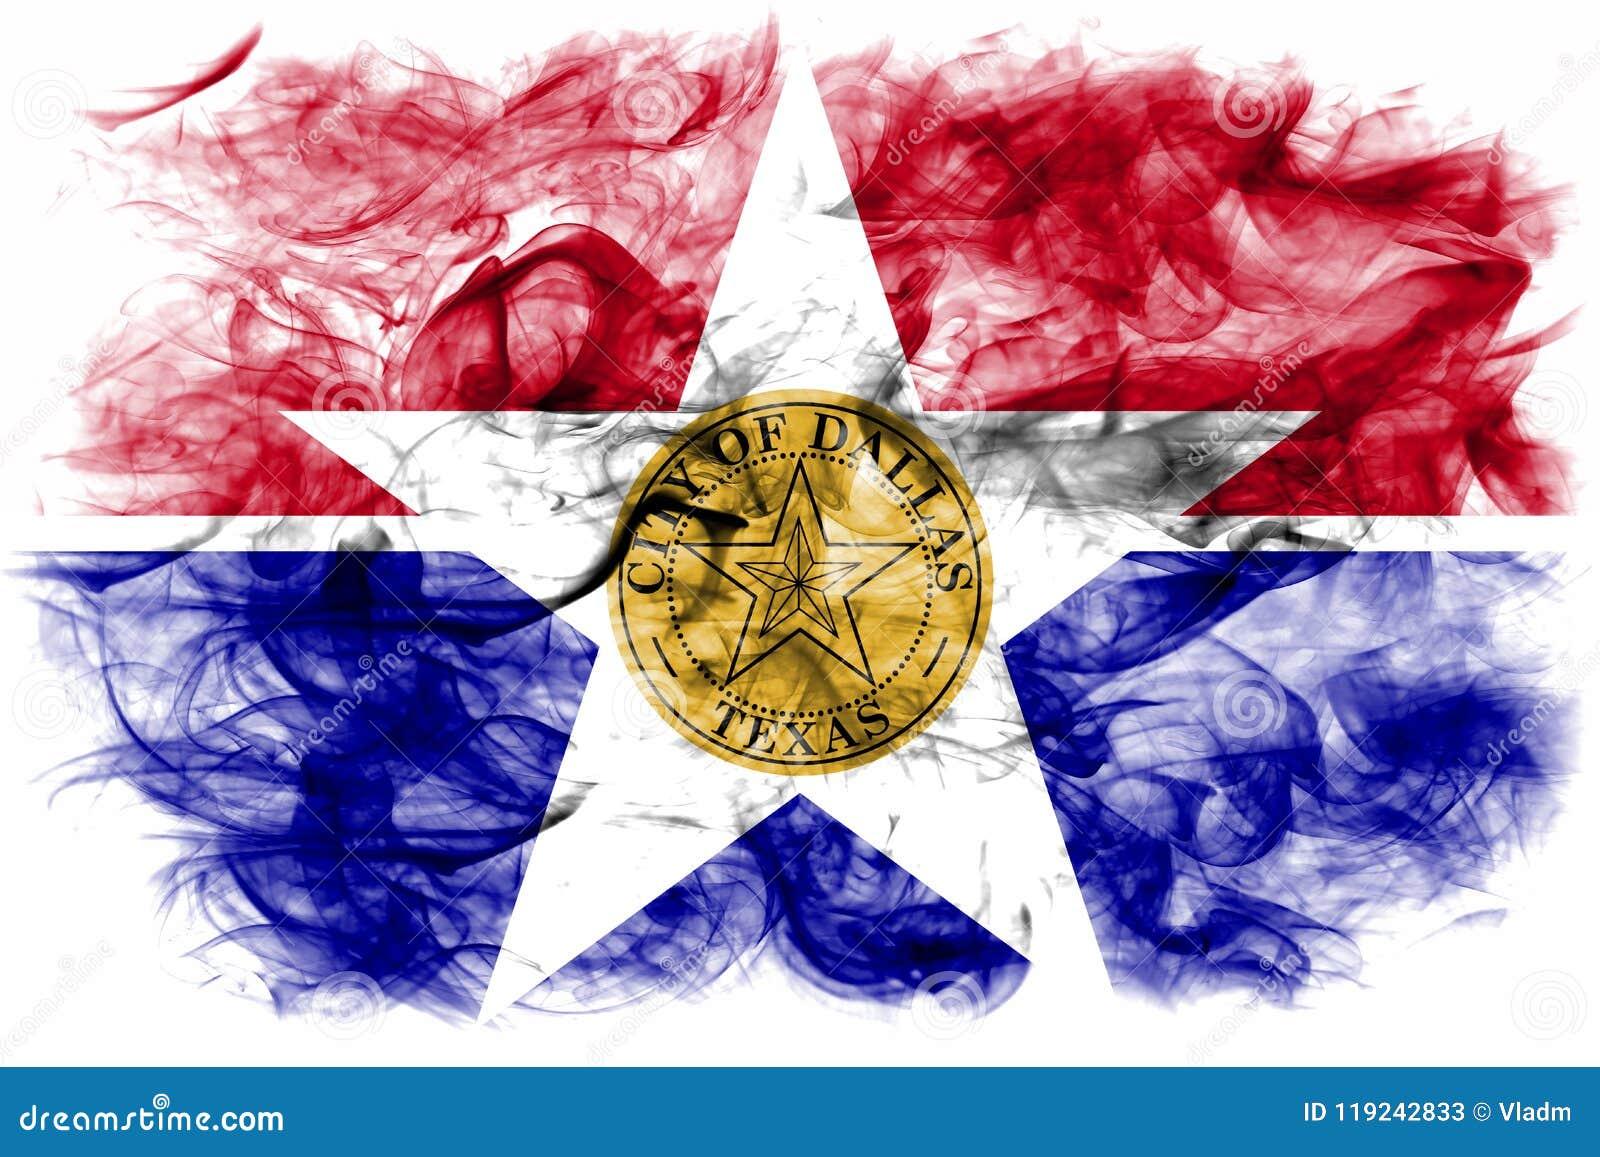 Σημαία καπνού πόλεων του Ντάλλας, κράτος του Ιλλινόις, Ηνωμένες Πολιτείες της Αμερικής